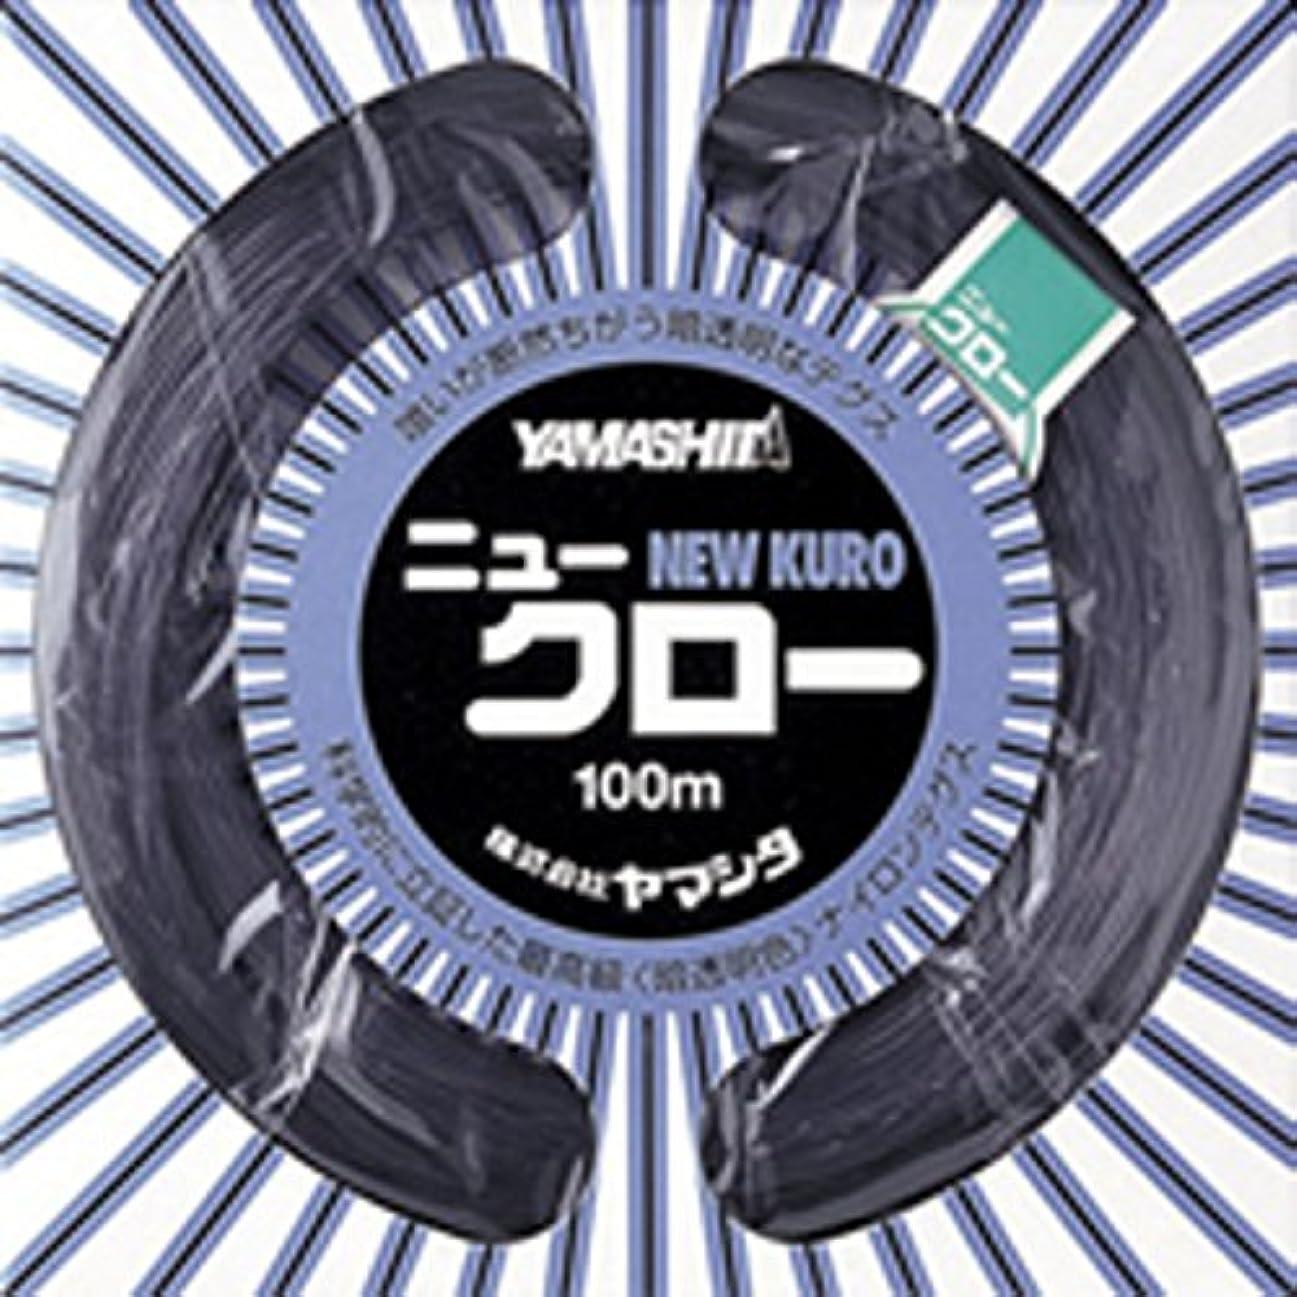 ビーム増幅パイプヤマシタ(YAMASHITA) ナイロンライン ニュークロー 100m 22号 スモーク